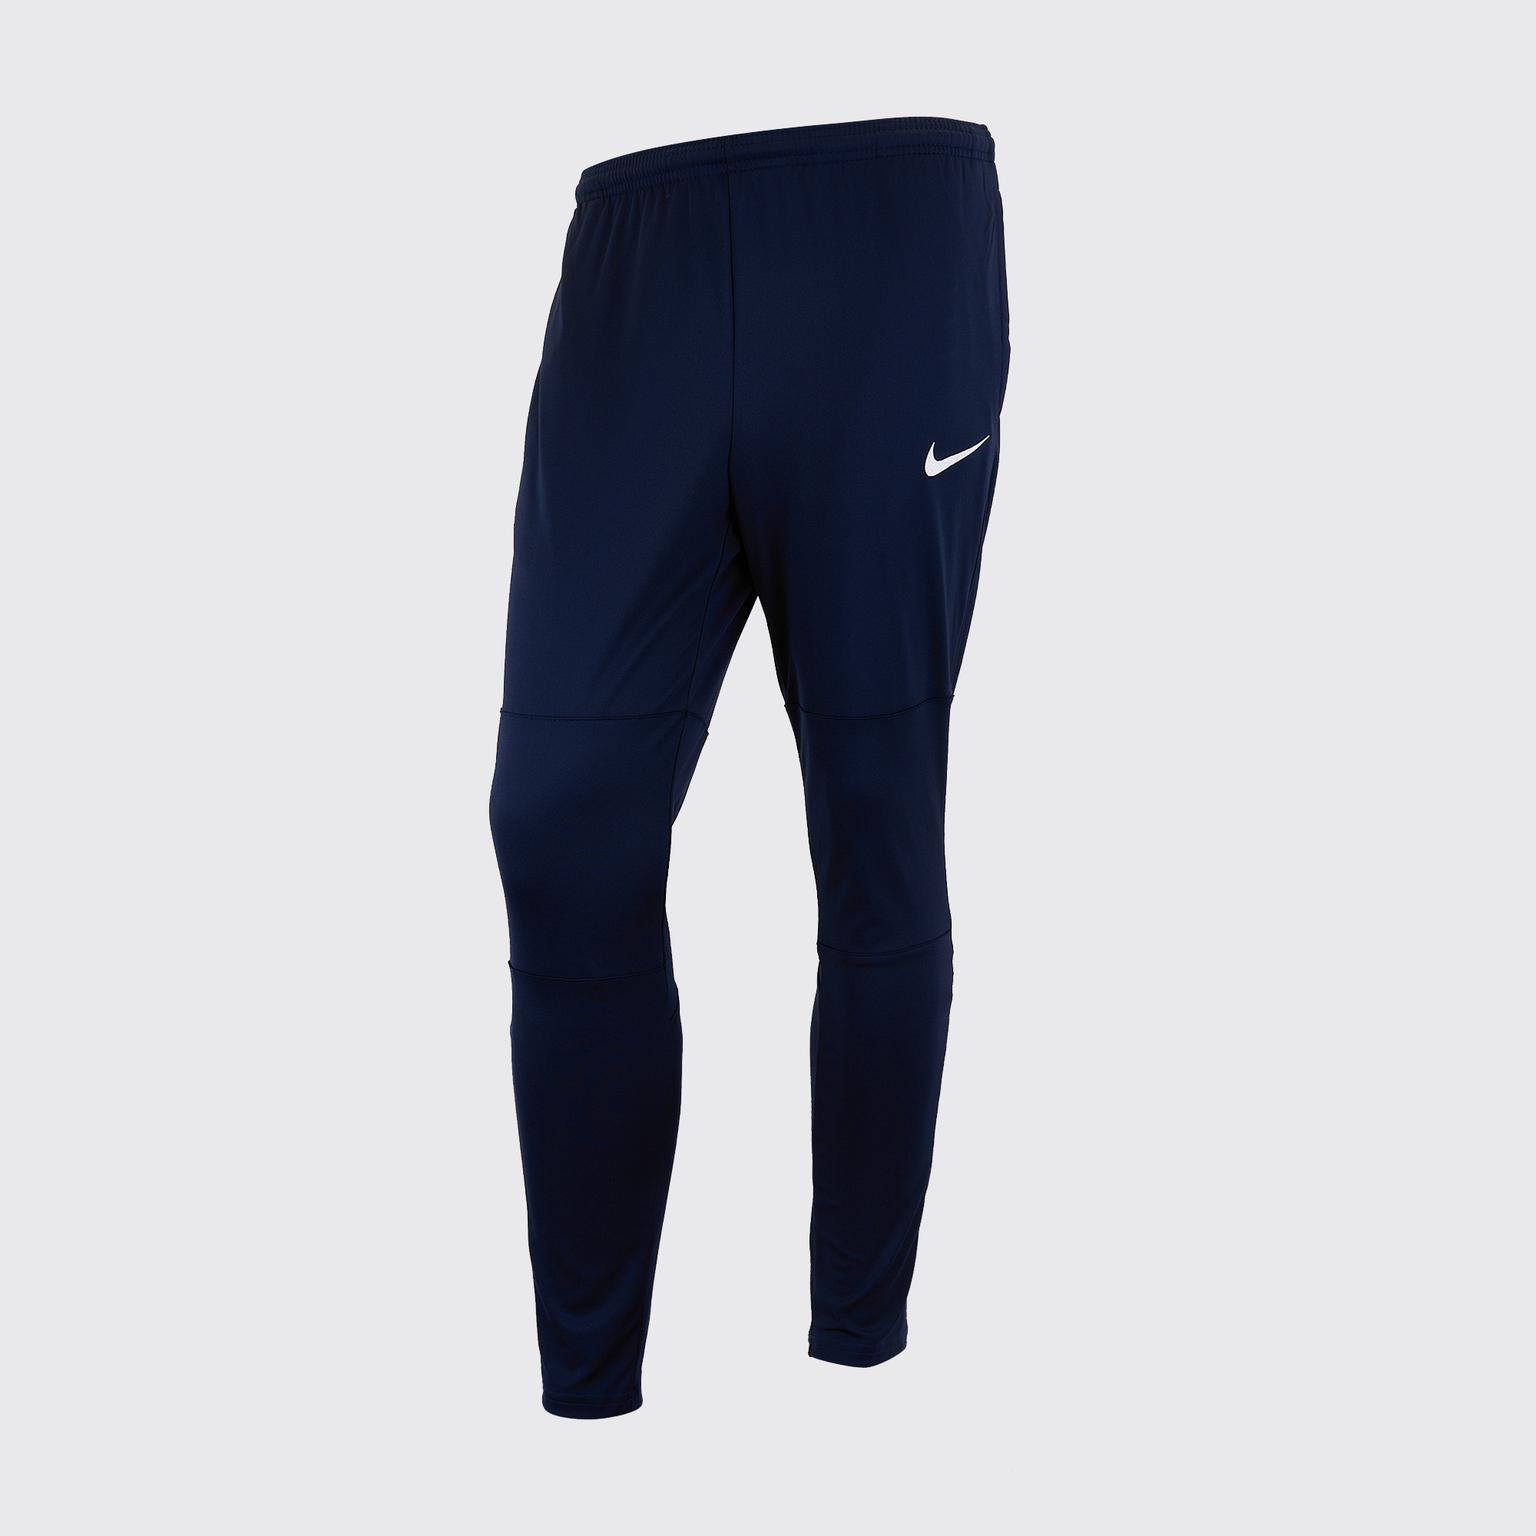 Брюки тренировочные Nike Dry Park20 Pant BV6877-410 цена и фото